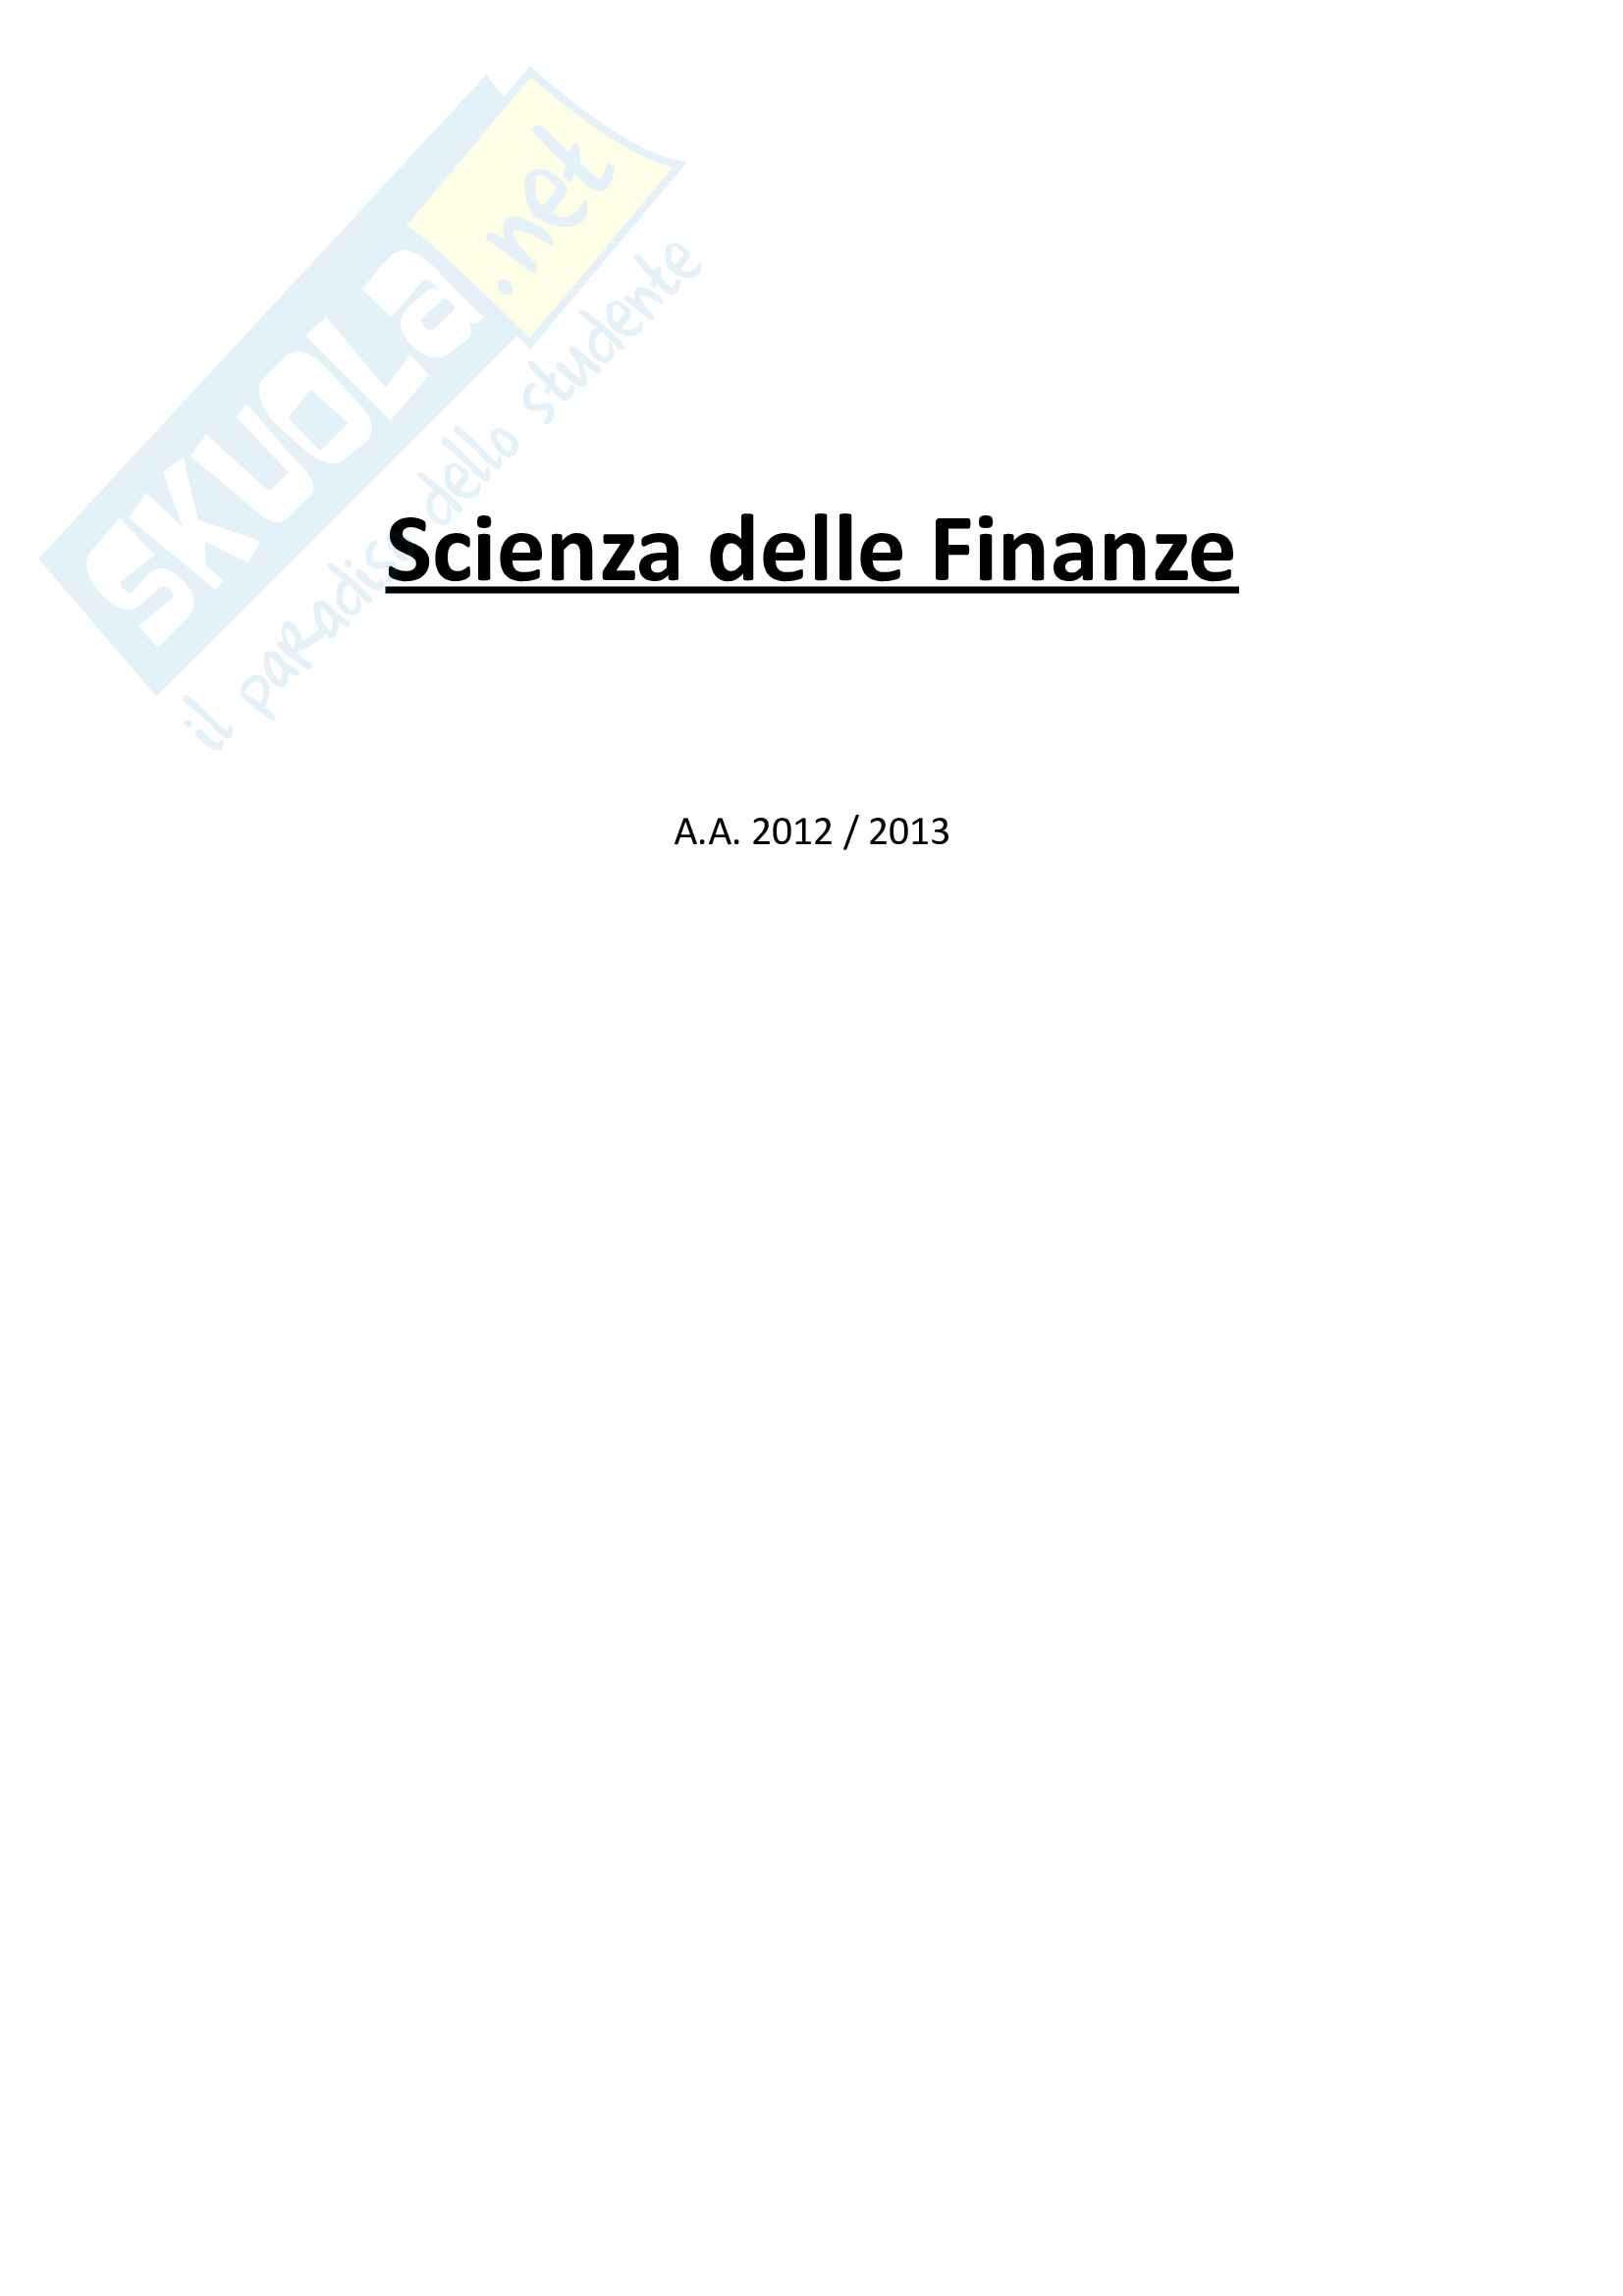 Scienze delle Finanze - Domande Pag. 1